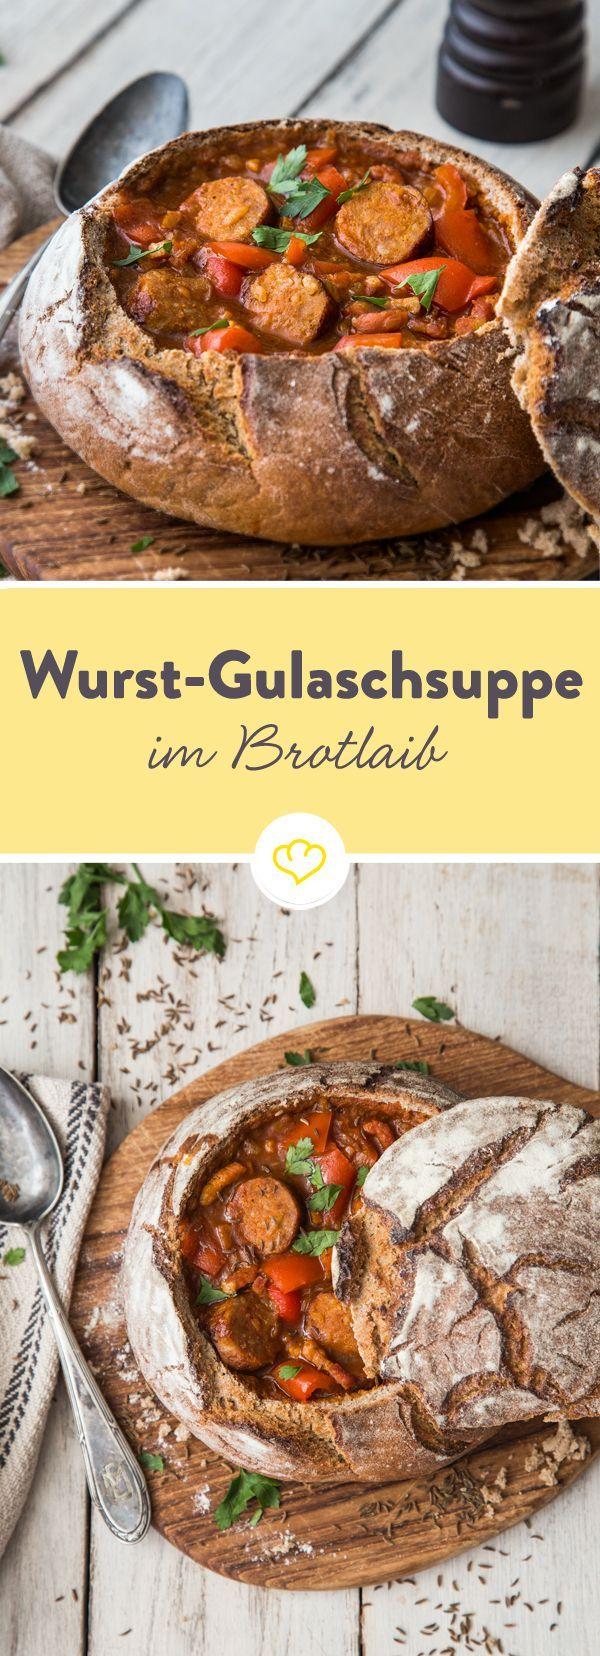 Heute unter knusprigem Brotdeckel: Dampfende Gulaschsuppe mit Zwiebeln, Speck, Paprika und Bratwürstchen - ganz ohne langes Schmoren.